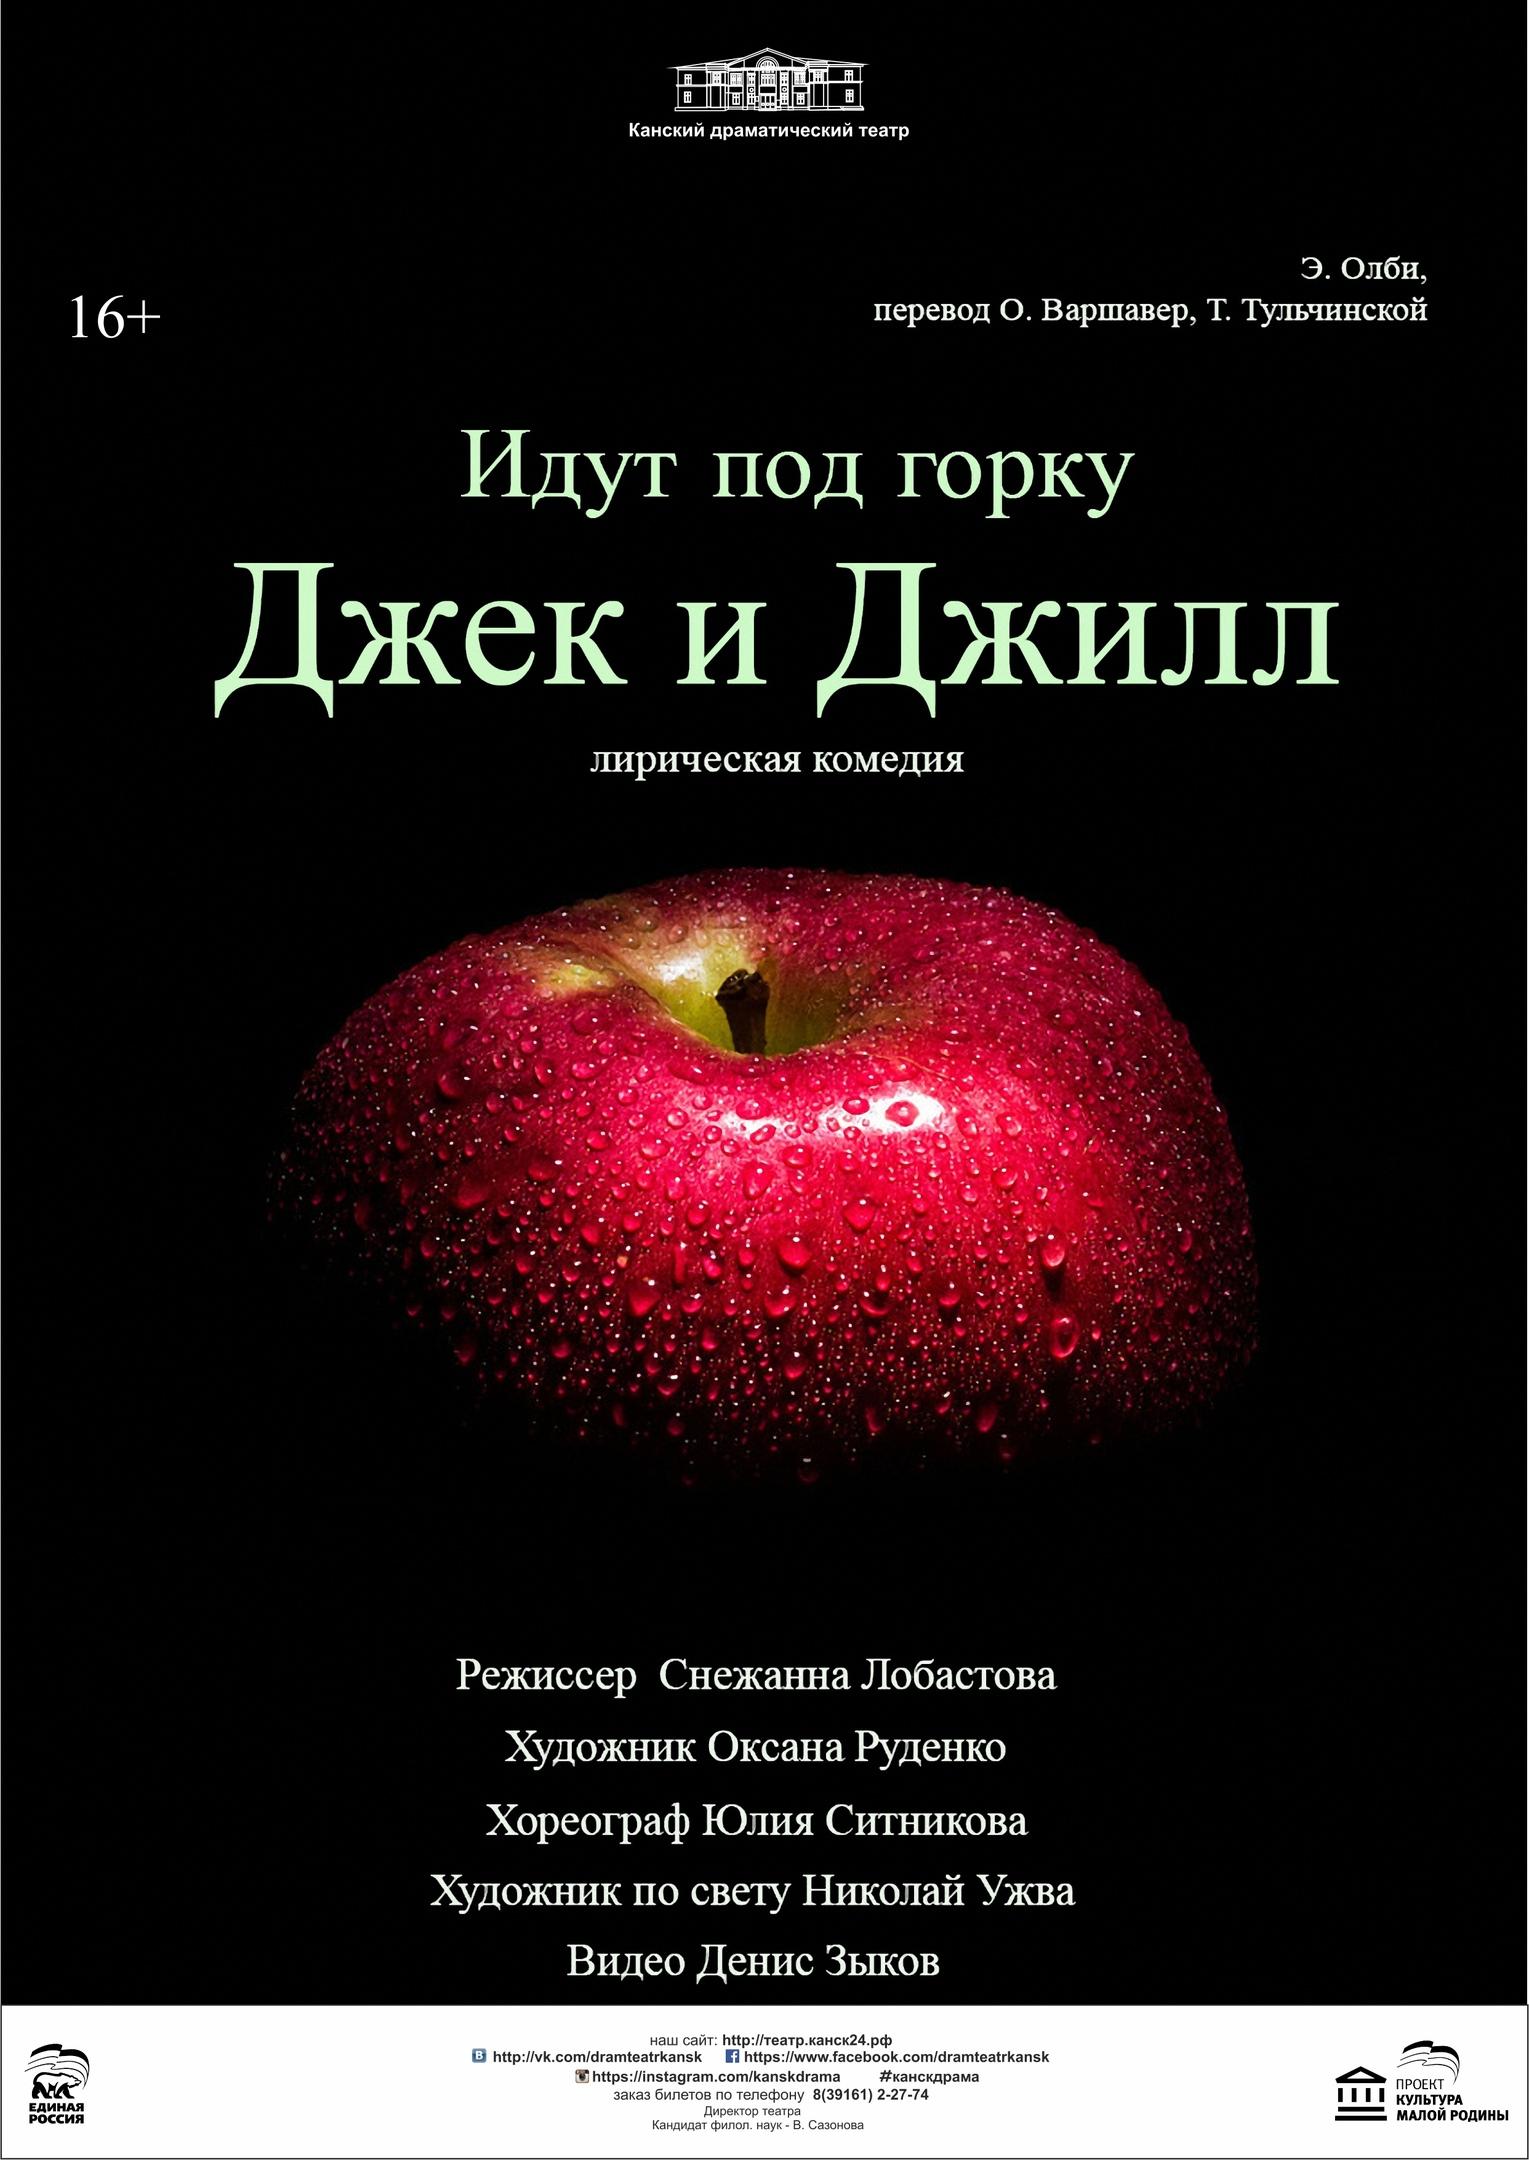 Канский театр афиша (1)